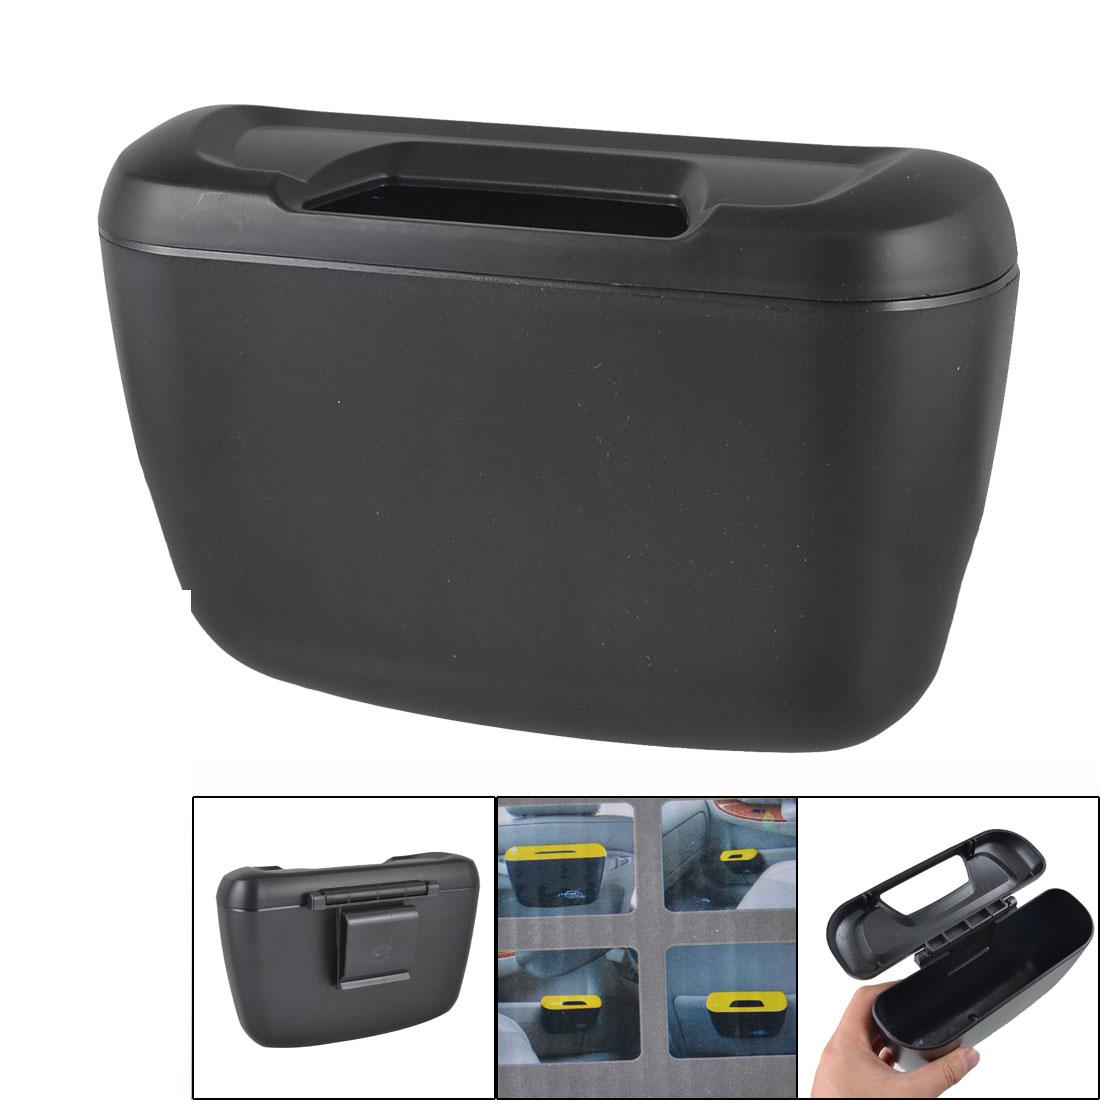 noir pour vehicule auto en plastique poubelle de voiture avec crocheta1f2 ebay. Black Bedroom Furniture Sets. Home Design Ideas